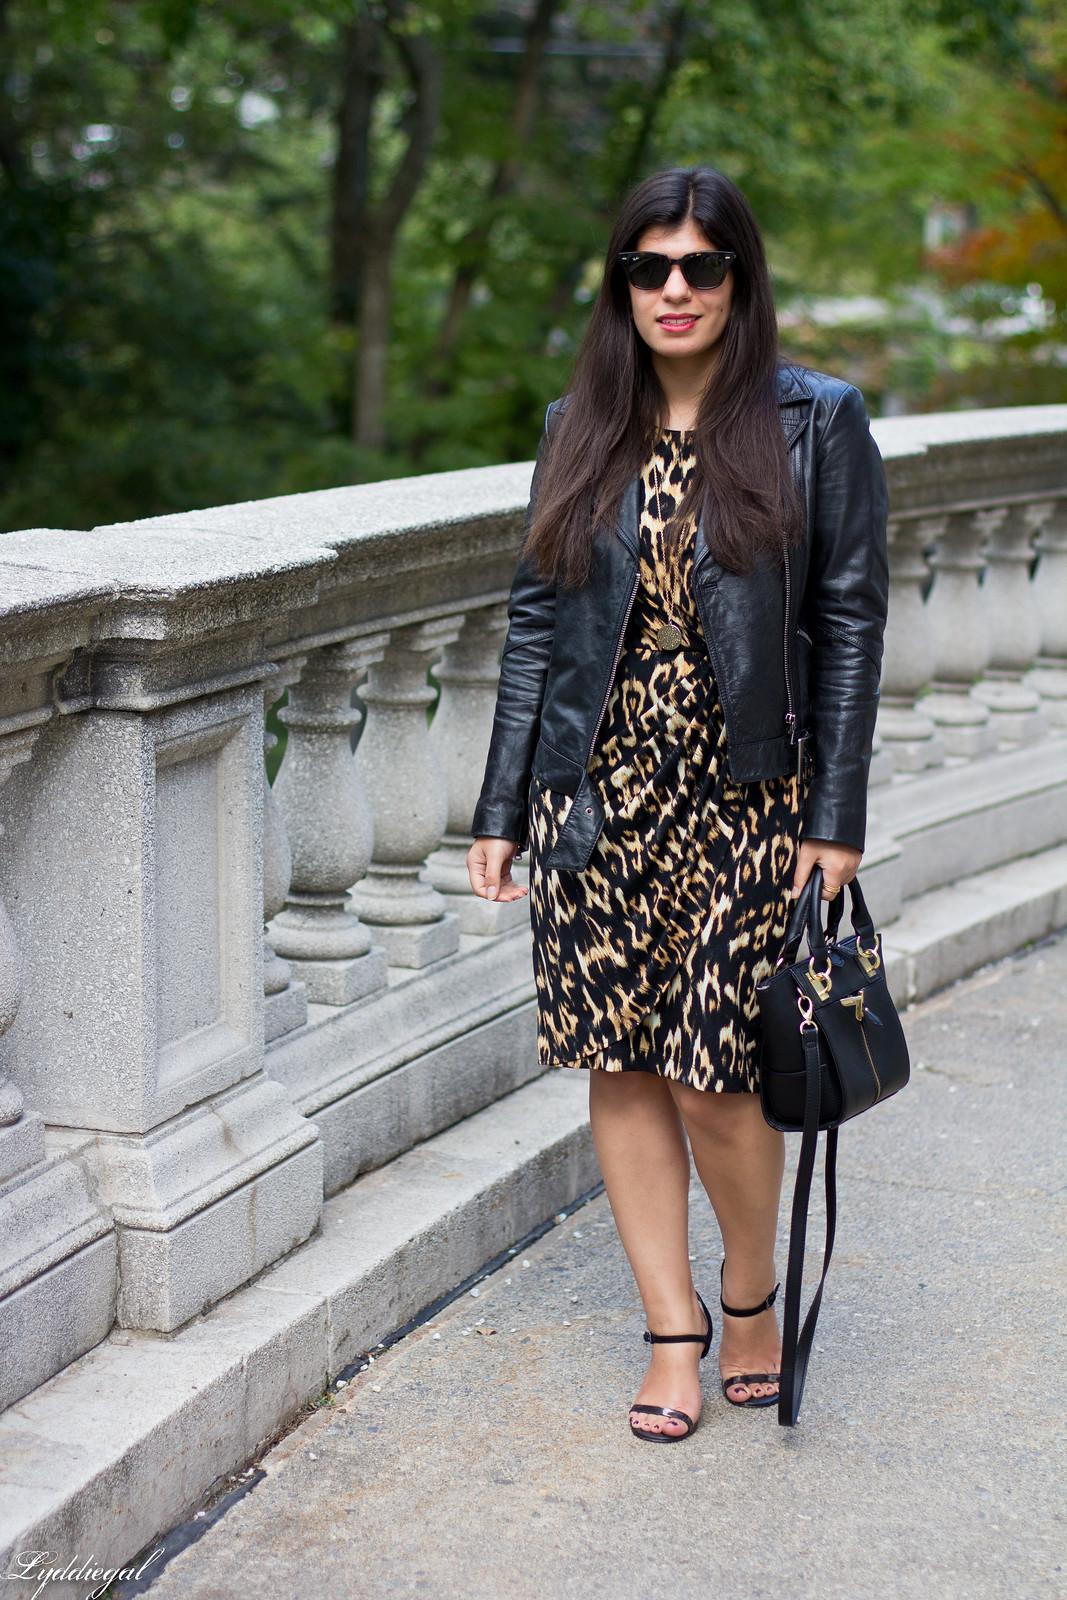 leopard dress, leather moto jacket, strappy heels.jpg